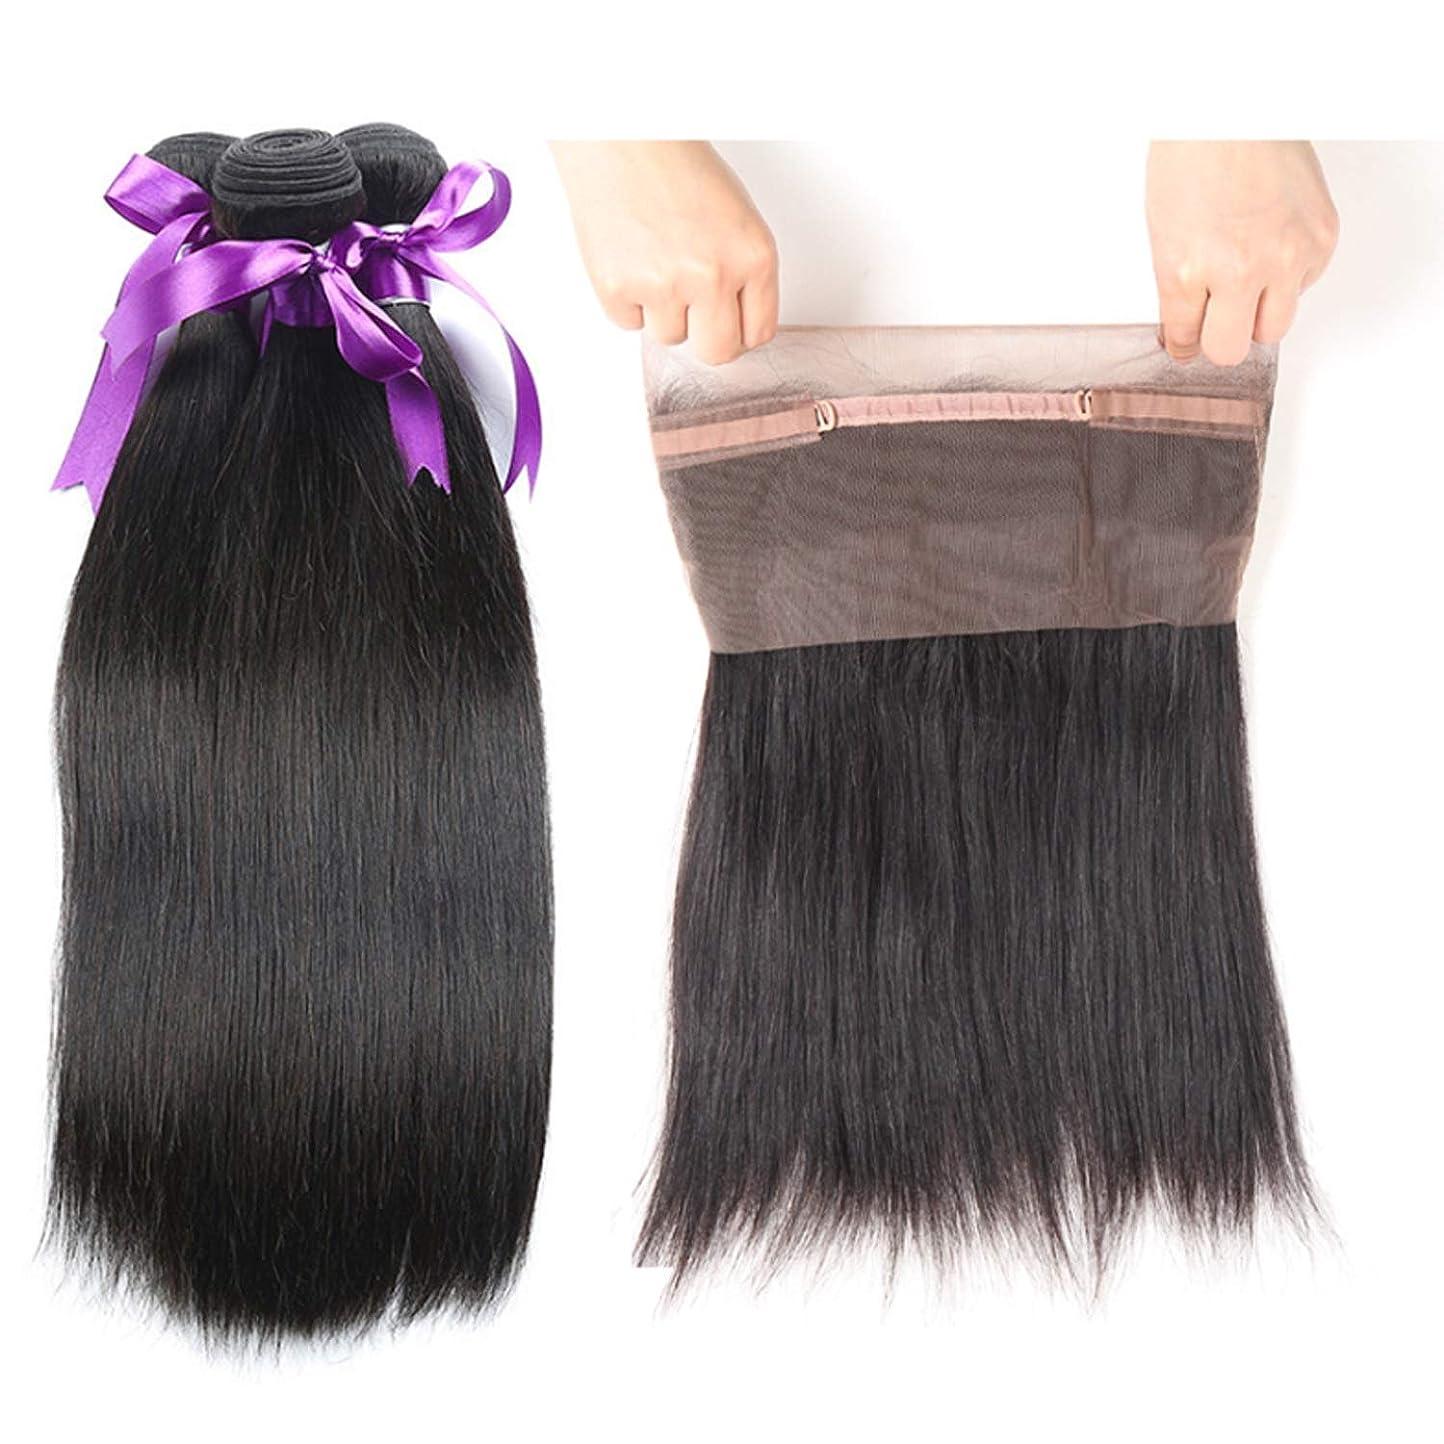 損なう気分が良い集めるペルーのストレートボディーヘア360束前頭閉鎖3束人間の髪の毛の束閉鎖Non-Remy かつら (Length : 12 14 14 Closure10)